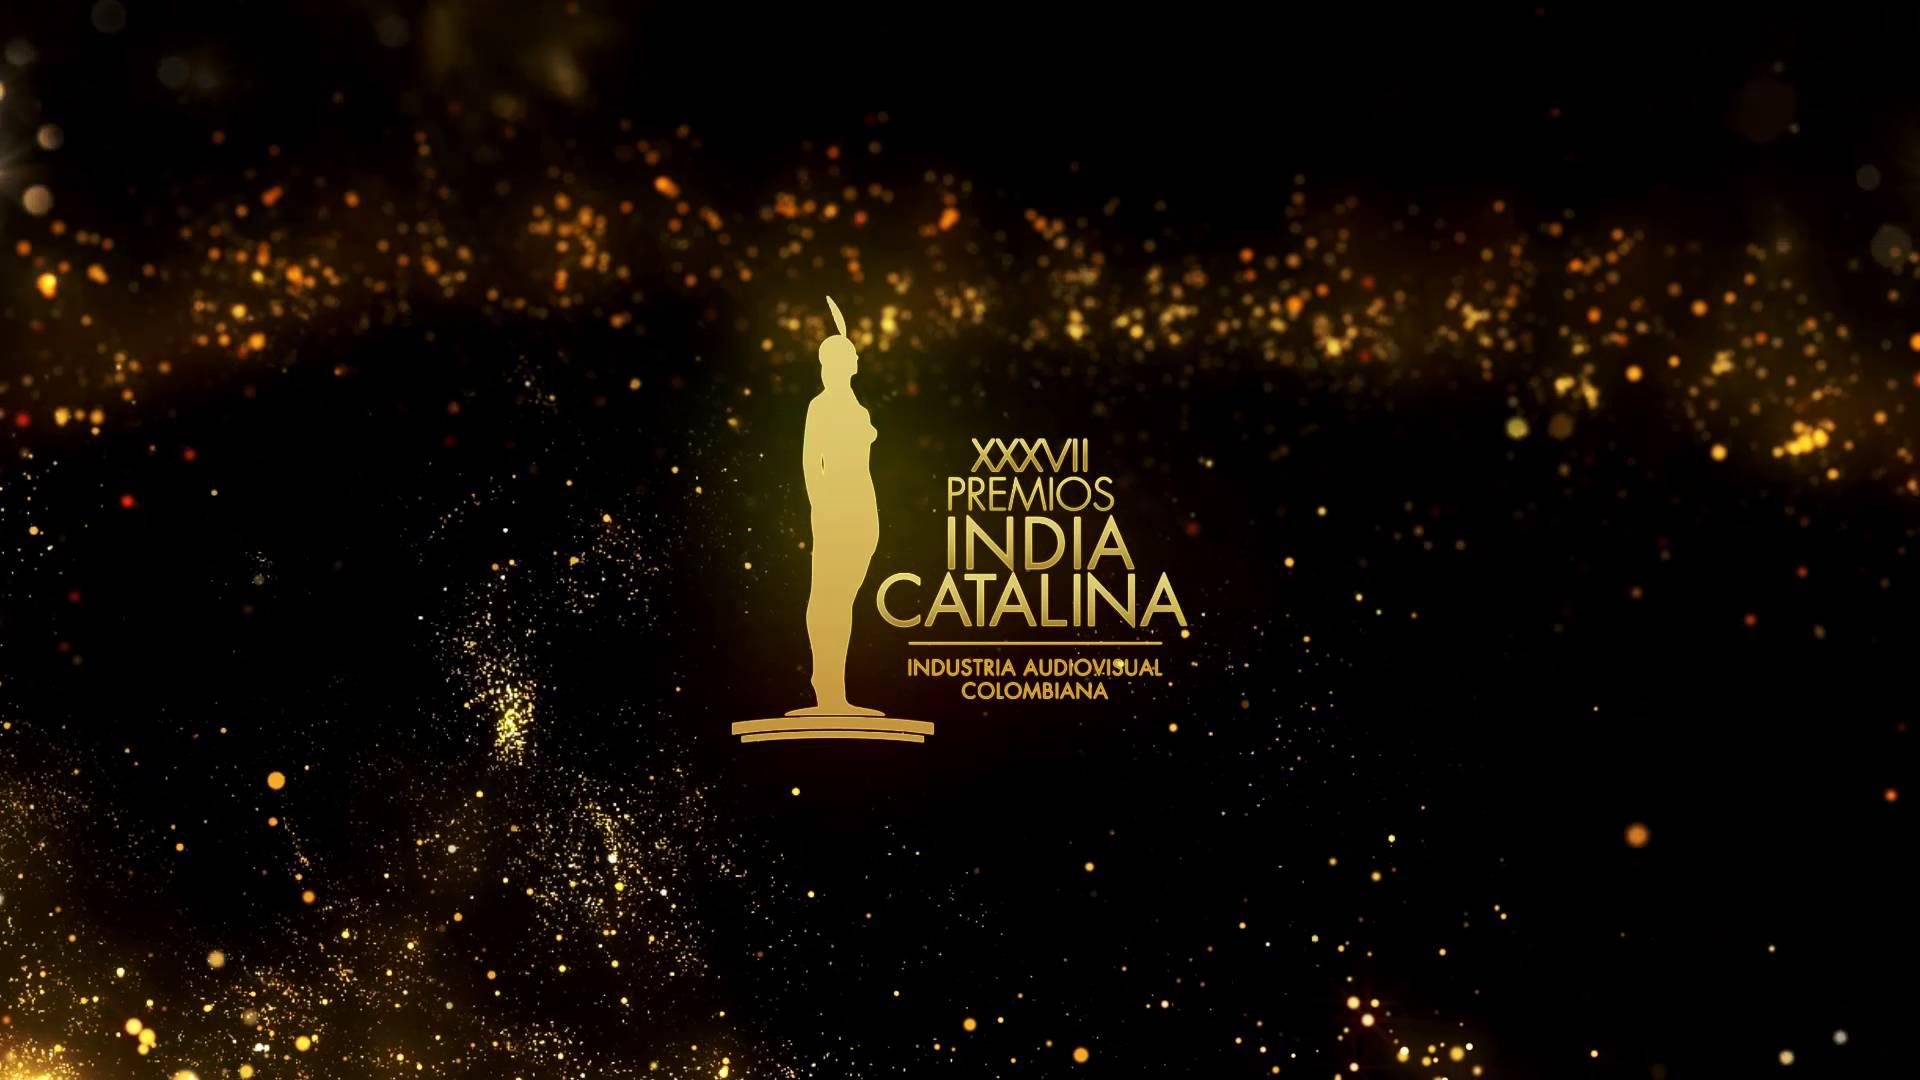 Telepacífico recibe 17 nominaciones en la edición 37 de los Premios India Catalina